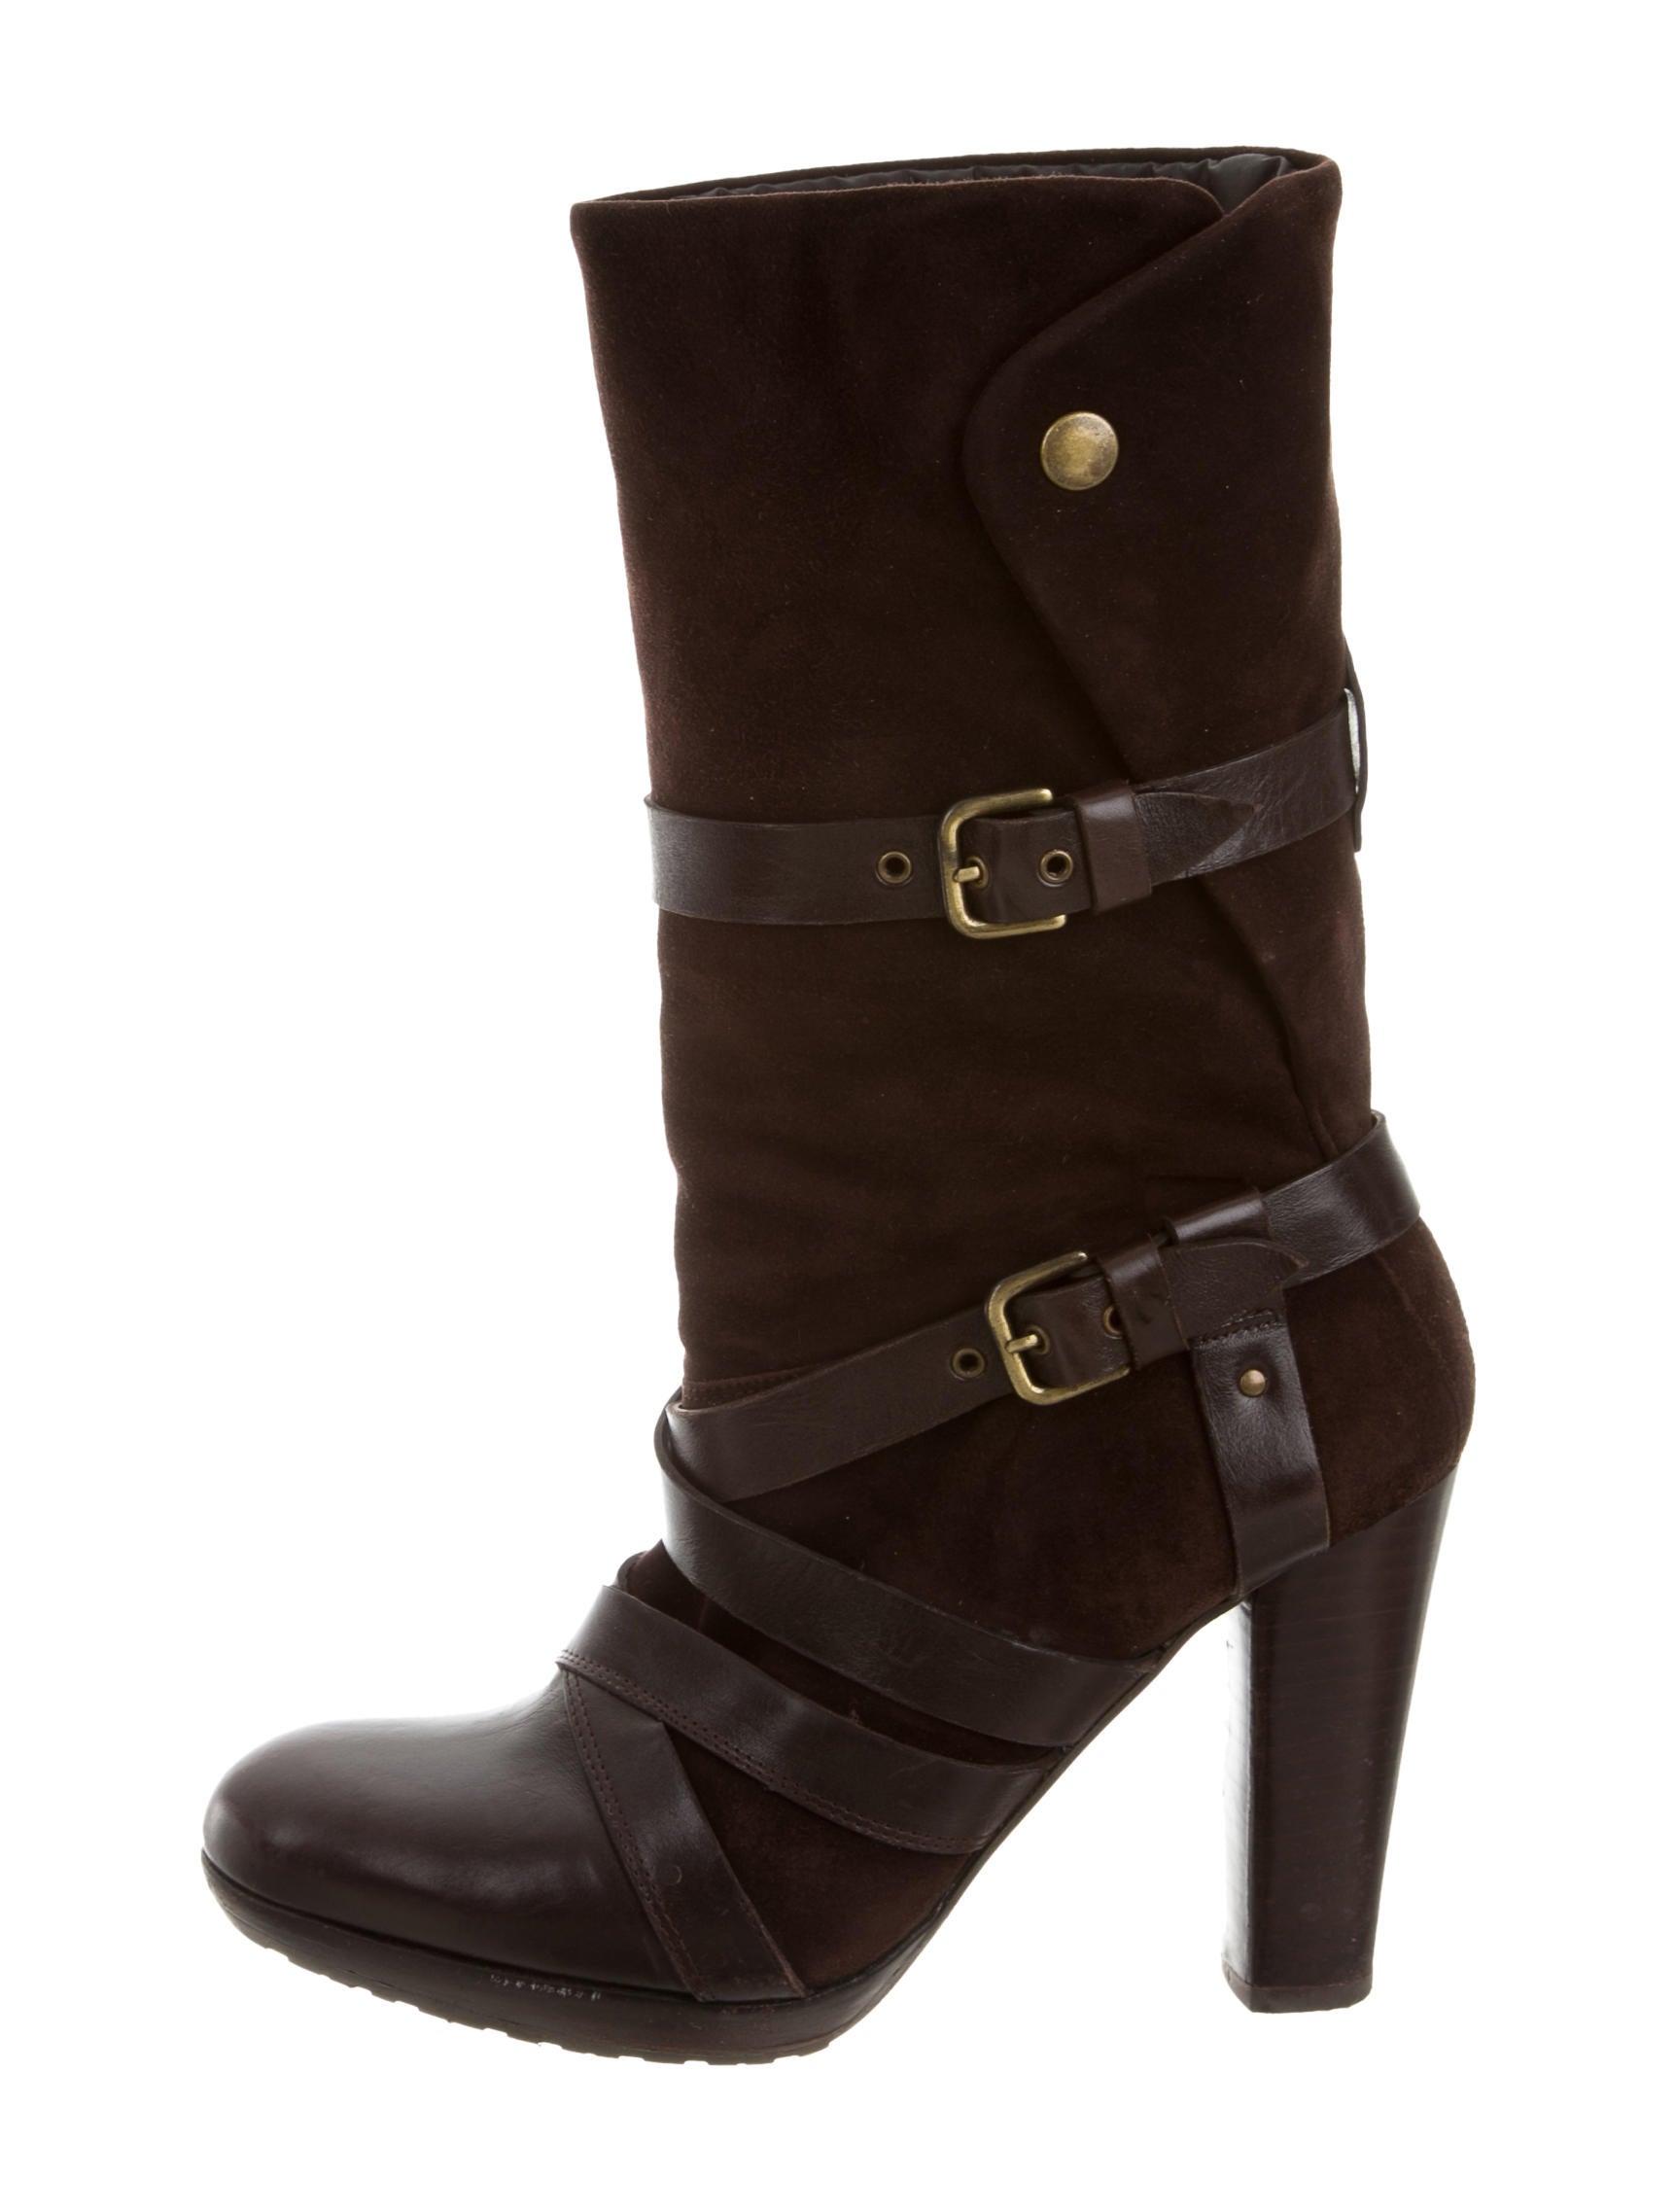 stuart weitzman platform suede ankle boots shoes